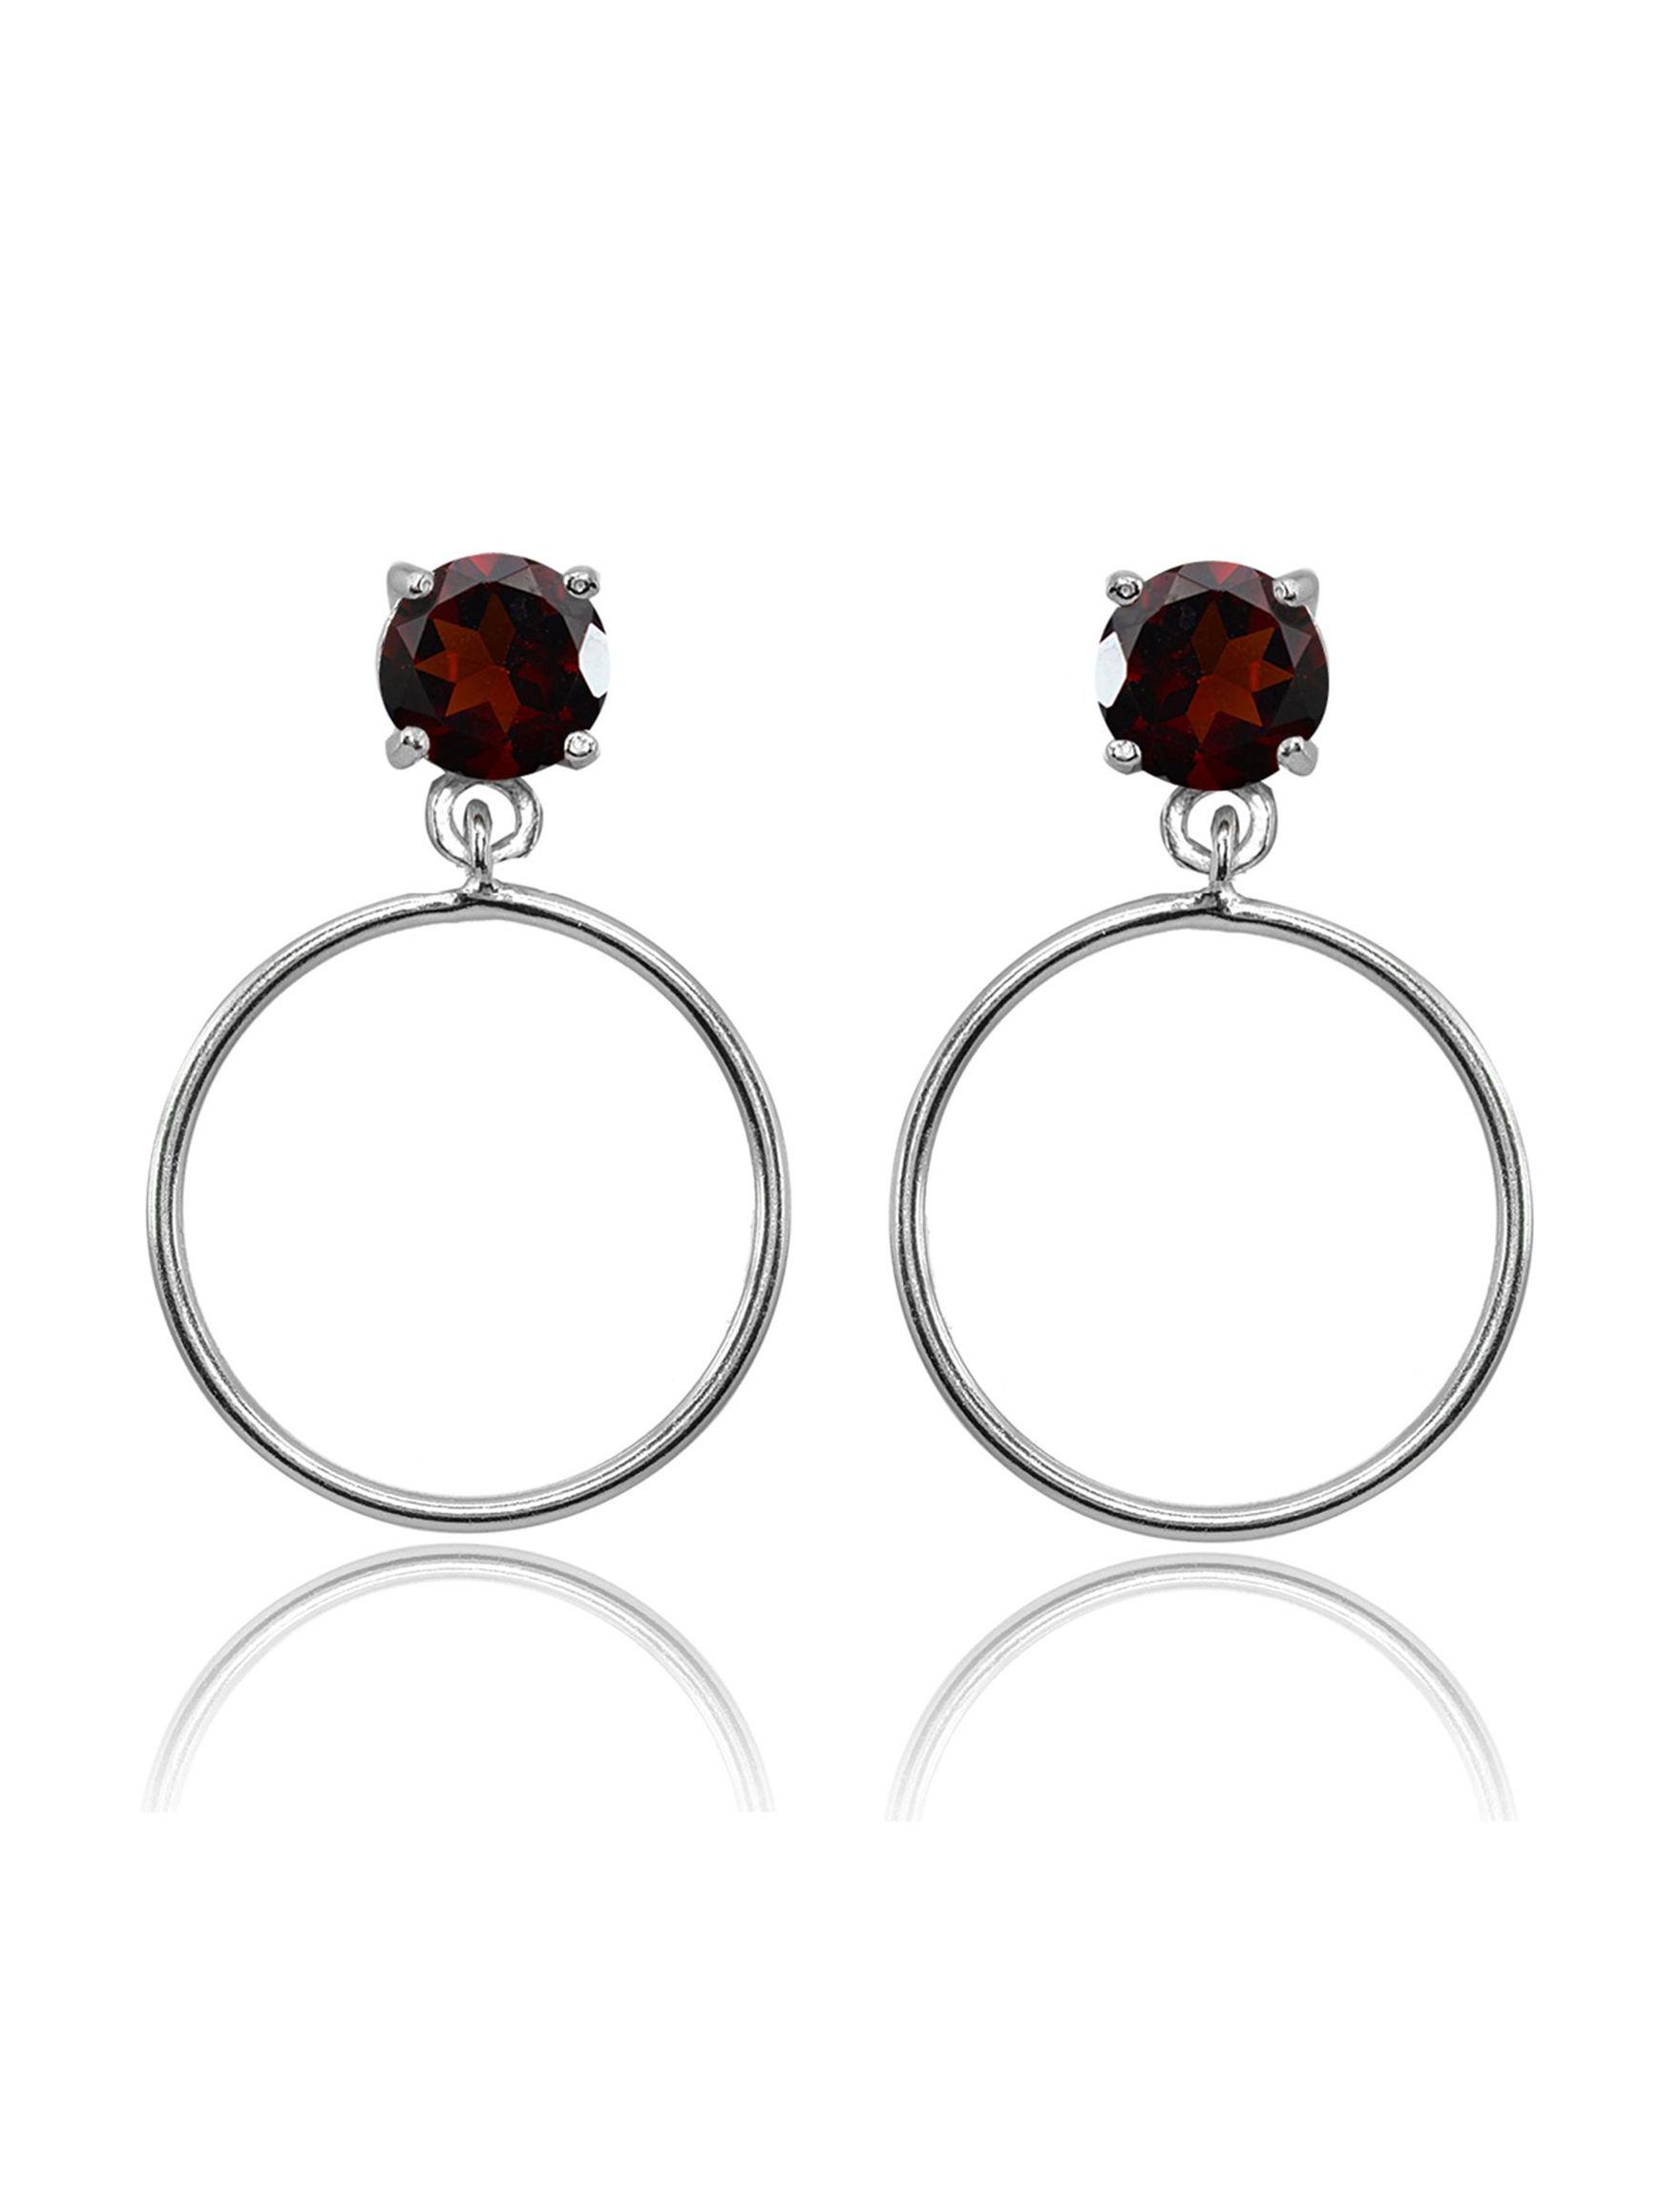 FMC Silver Hoops Earrings Fine Jewelry